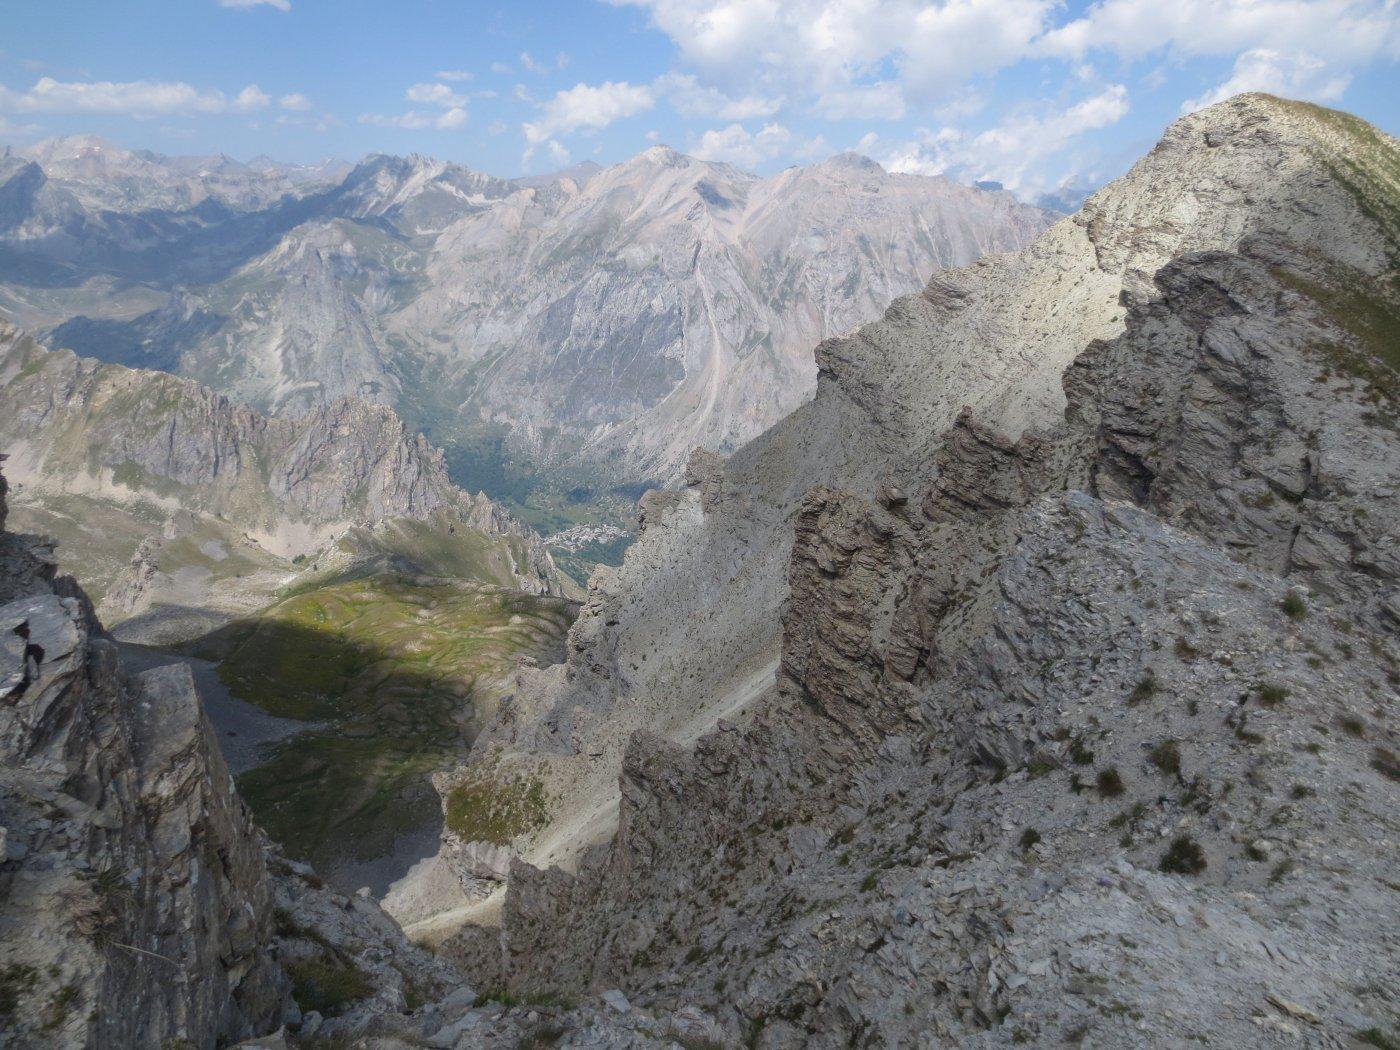 Dalla vetta del Soubeyran si intravede Chiappera in fondo valle